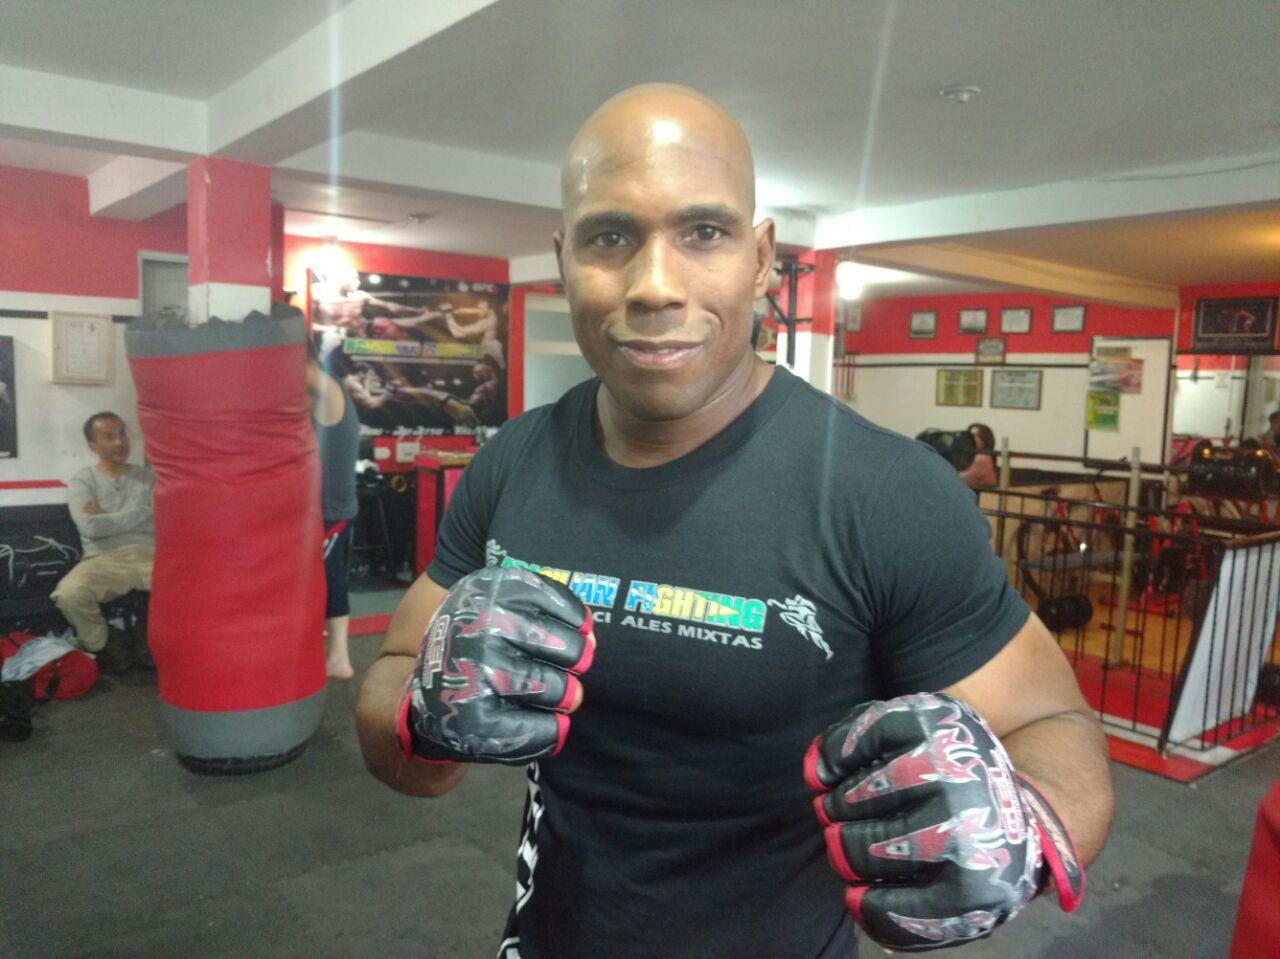 Pitbull da Rocha por el título en artes marciales mixtas